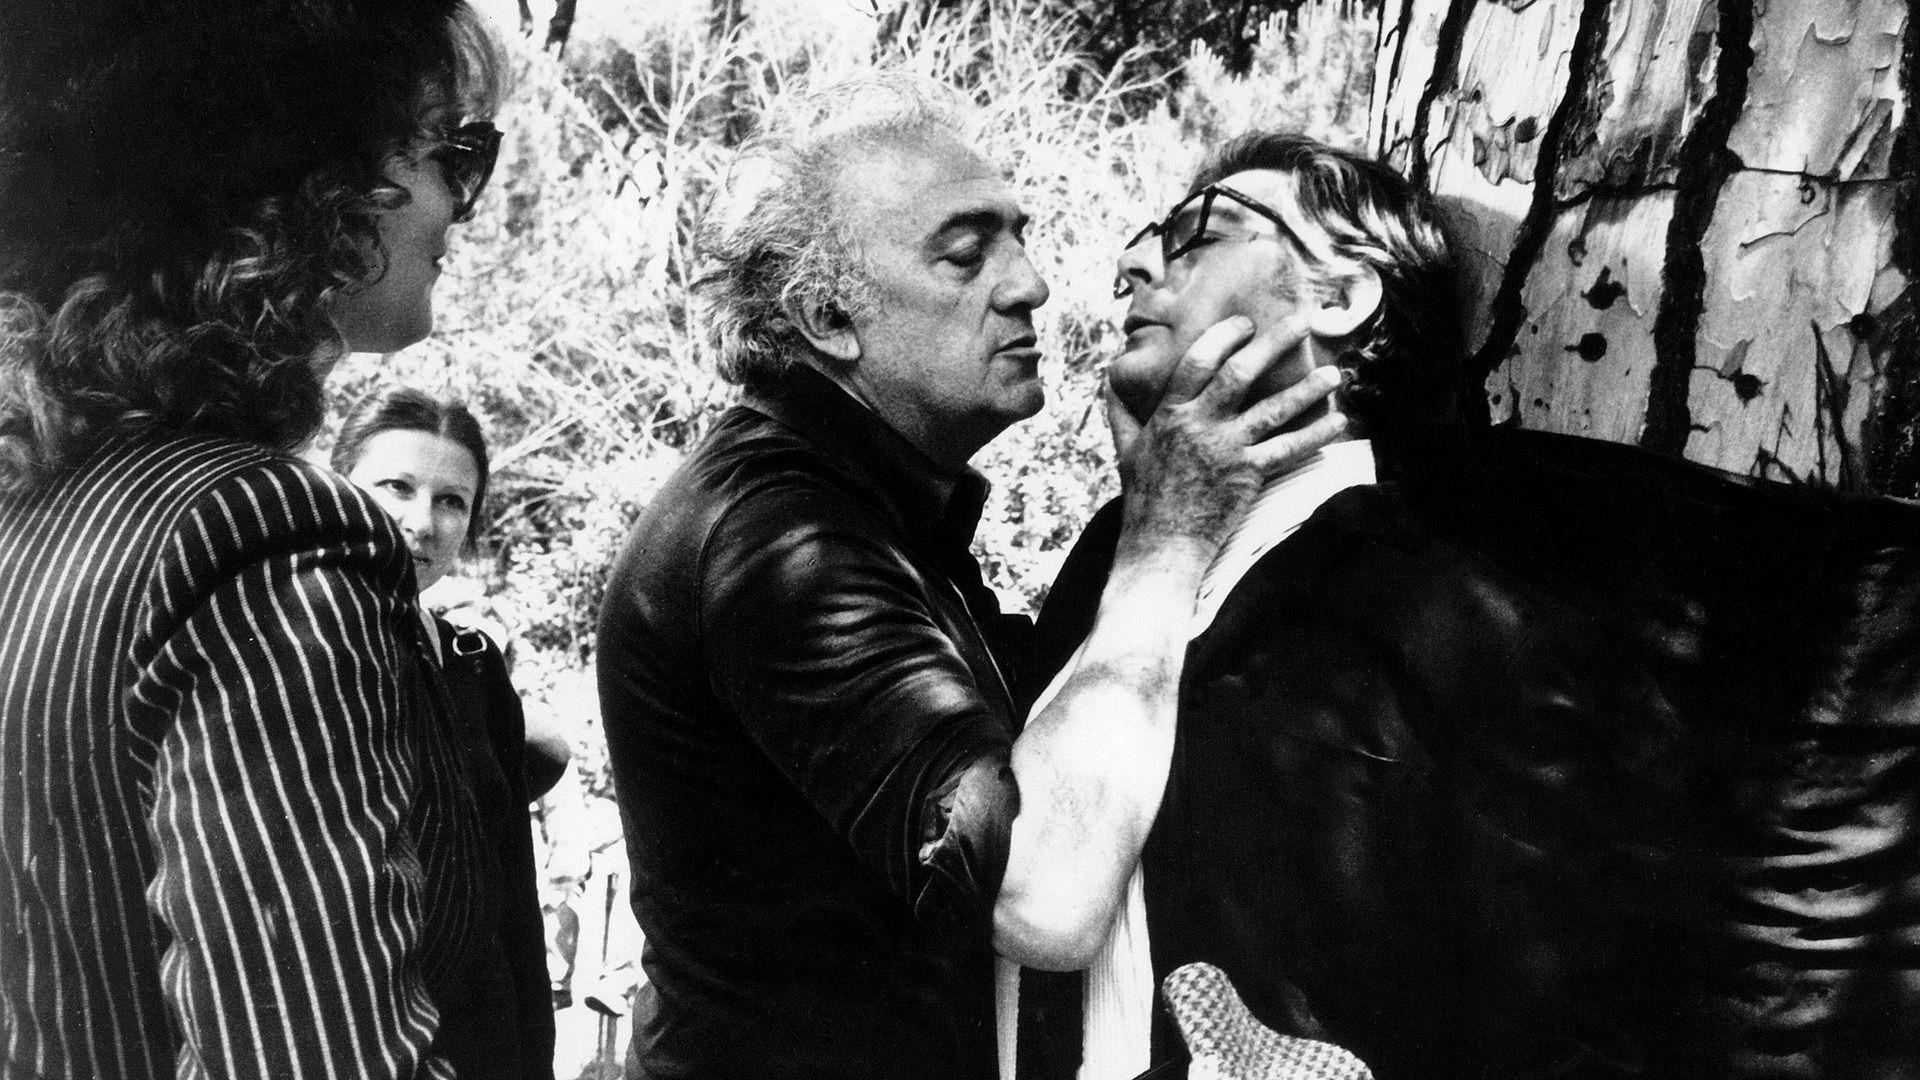 """Durante la grabación de """"Ciudad de mujeres"""", toma del cuello a Marcelo Mastroianni (Opera/Gaumont/Kobal/Shutterstock)"""